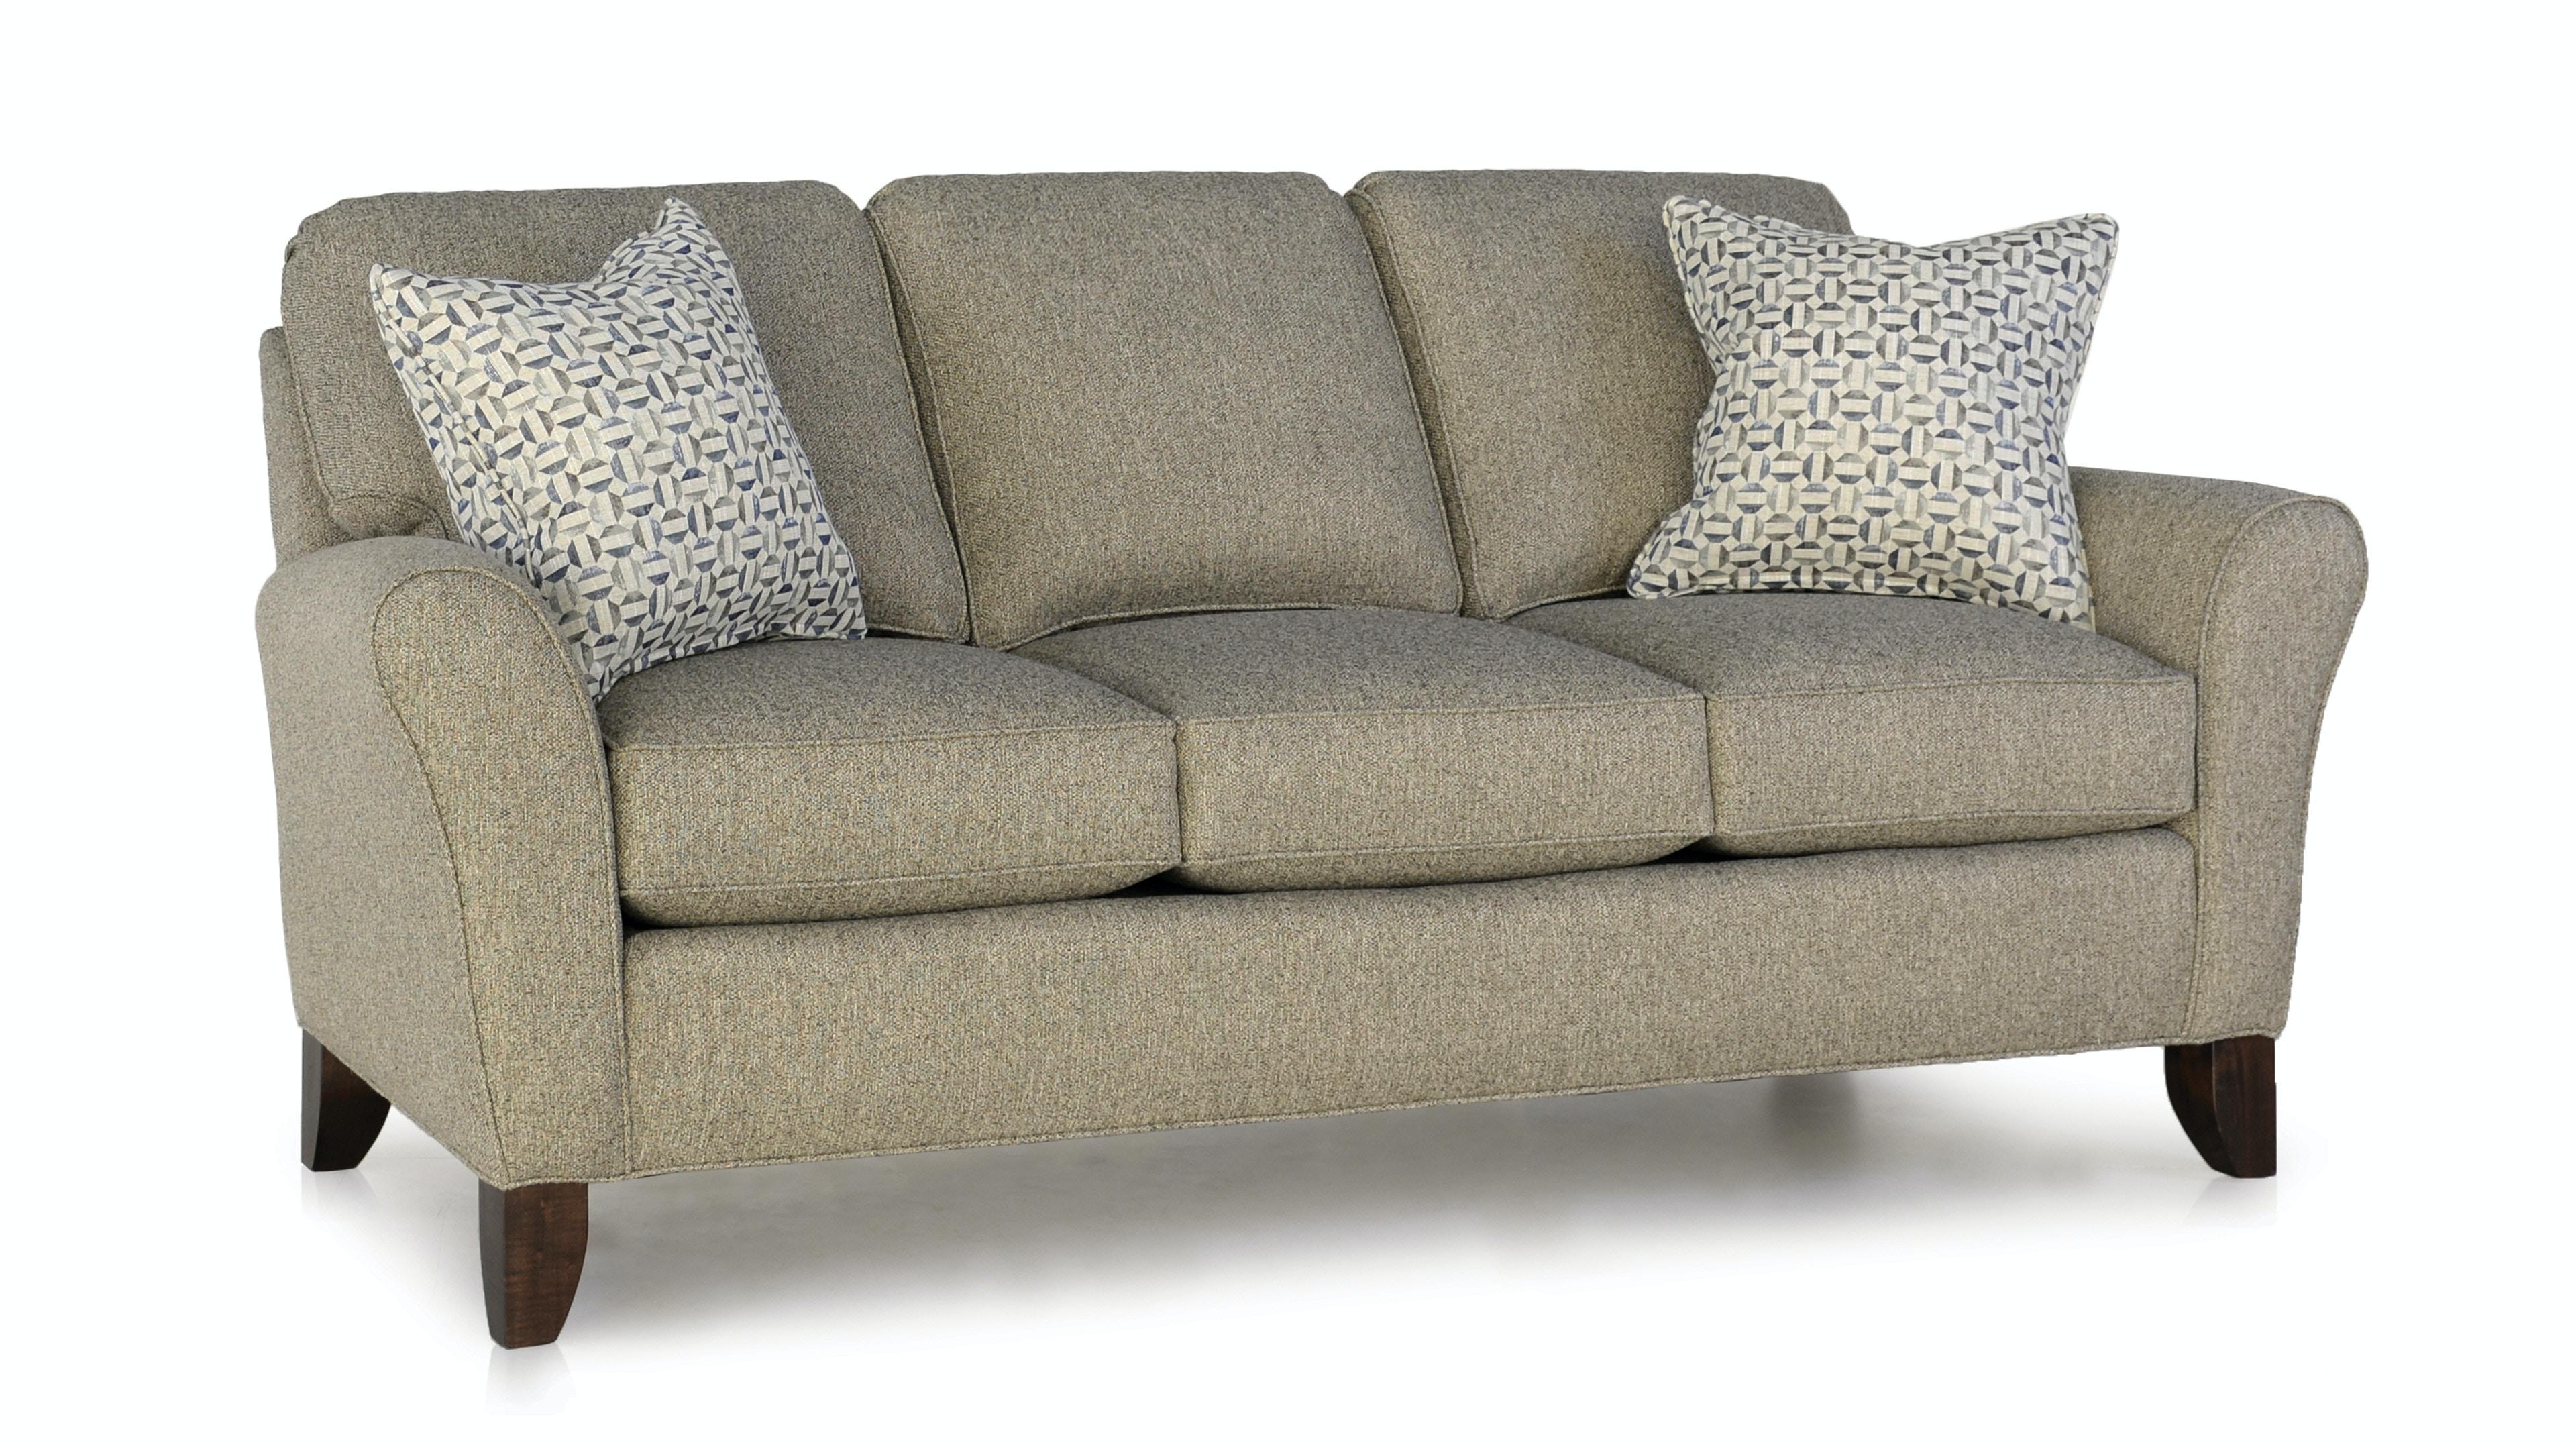 Smith Brothers Three Cushion Sofa 344 10